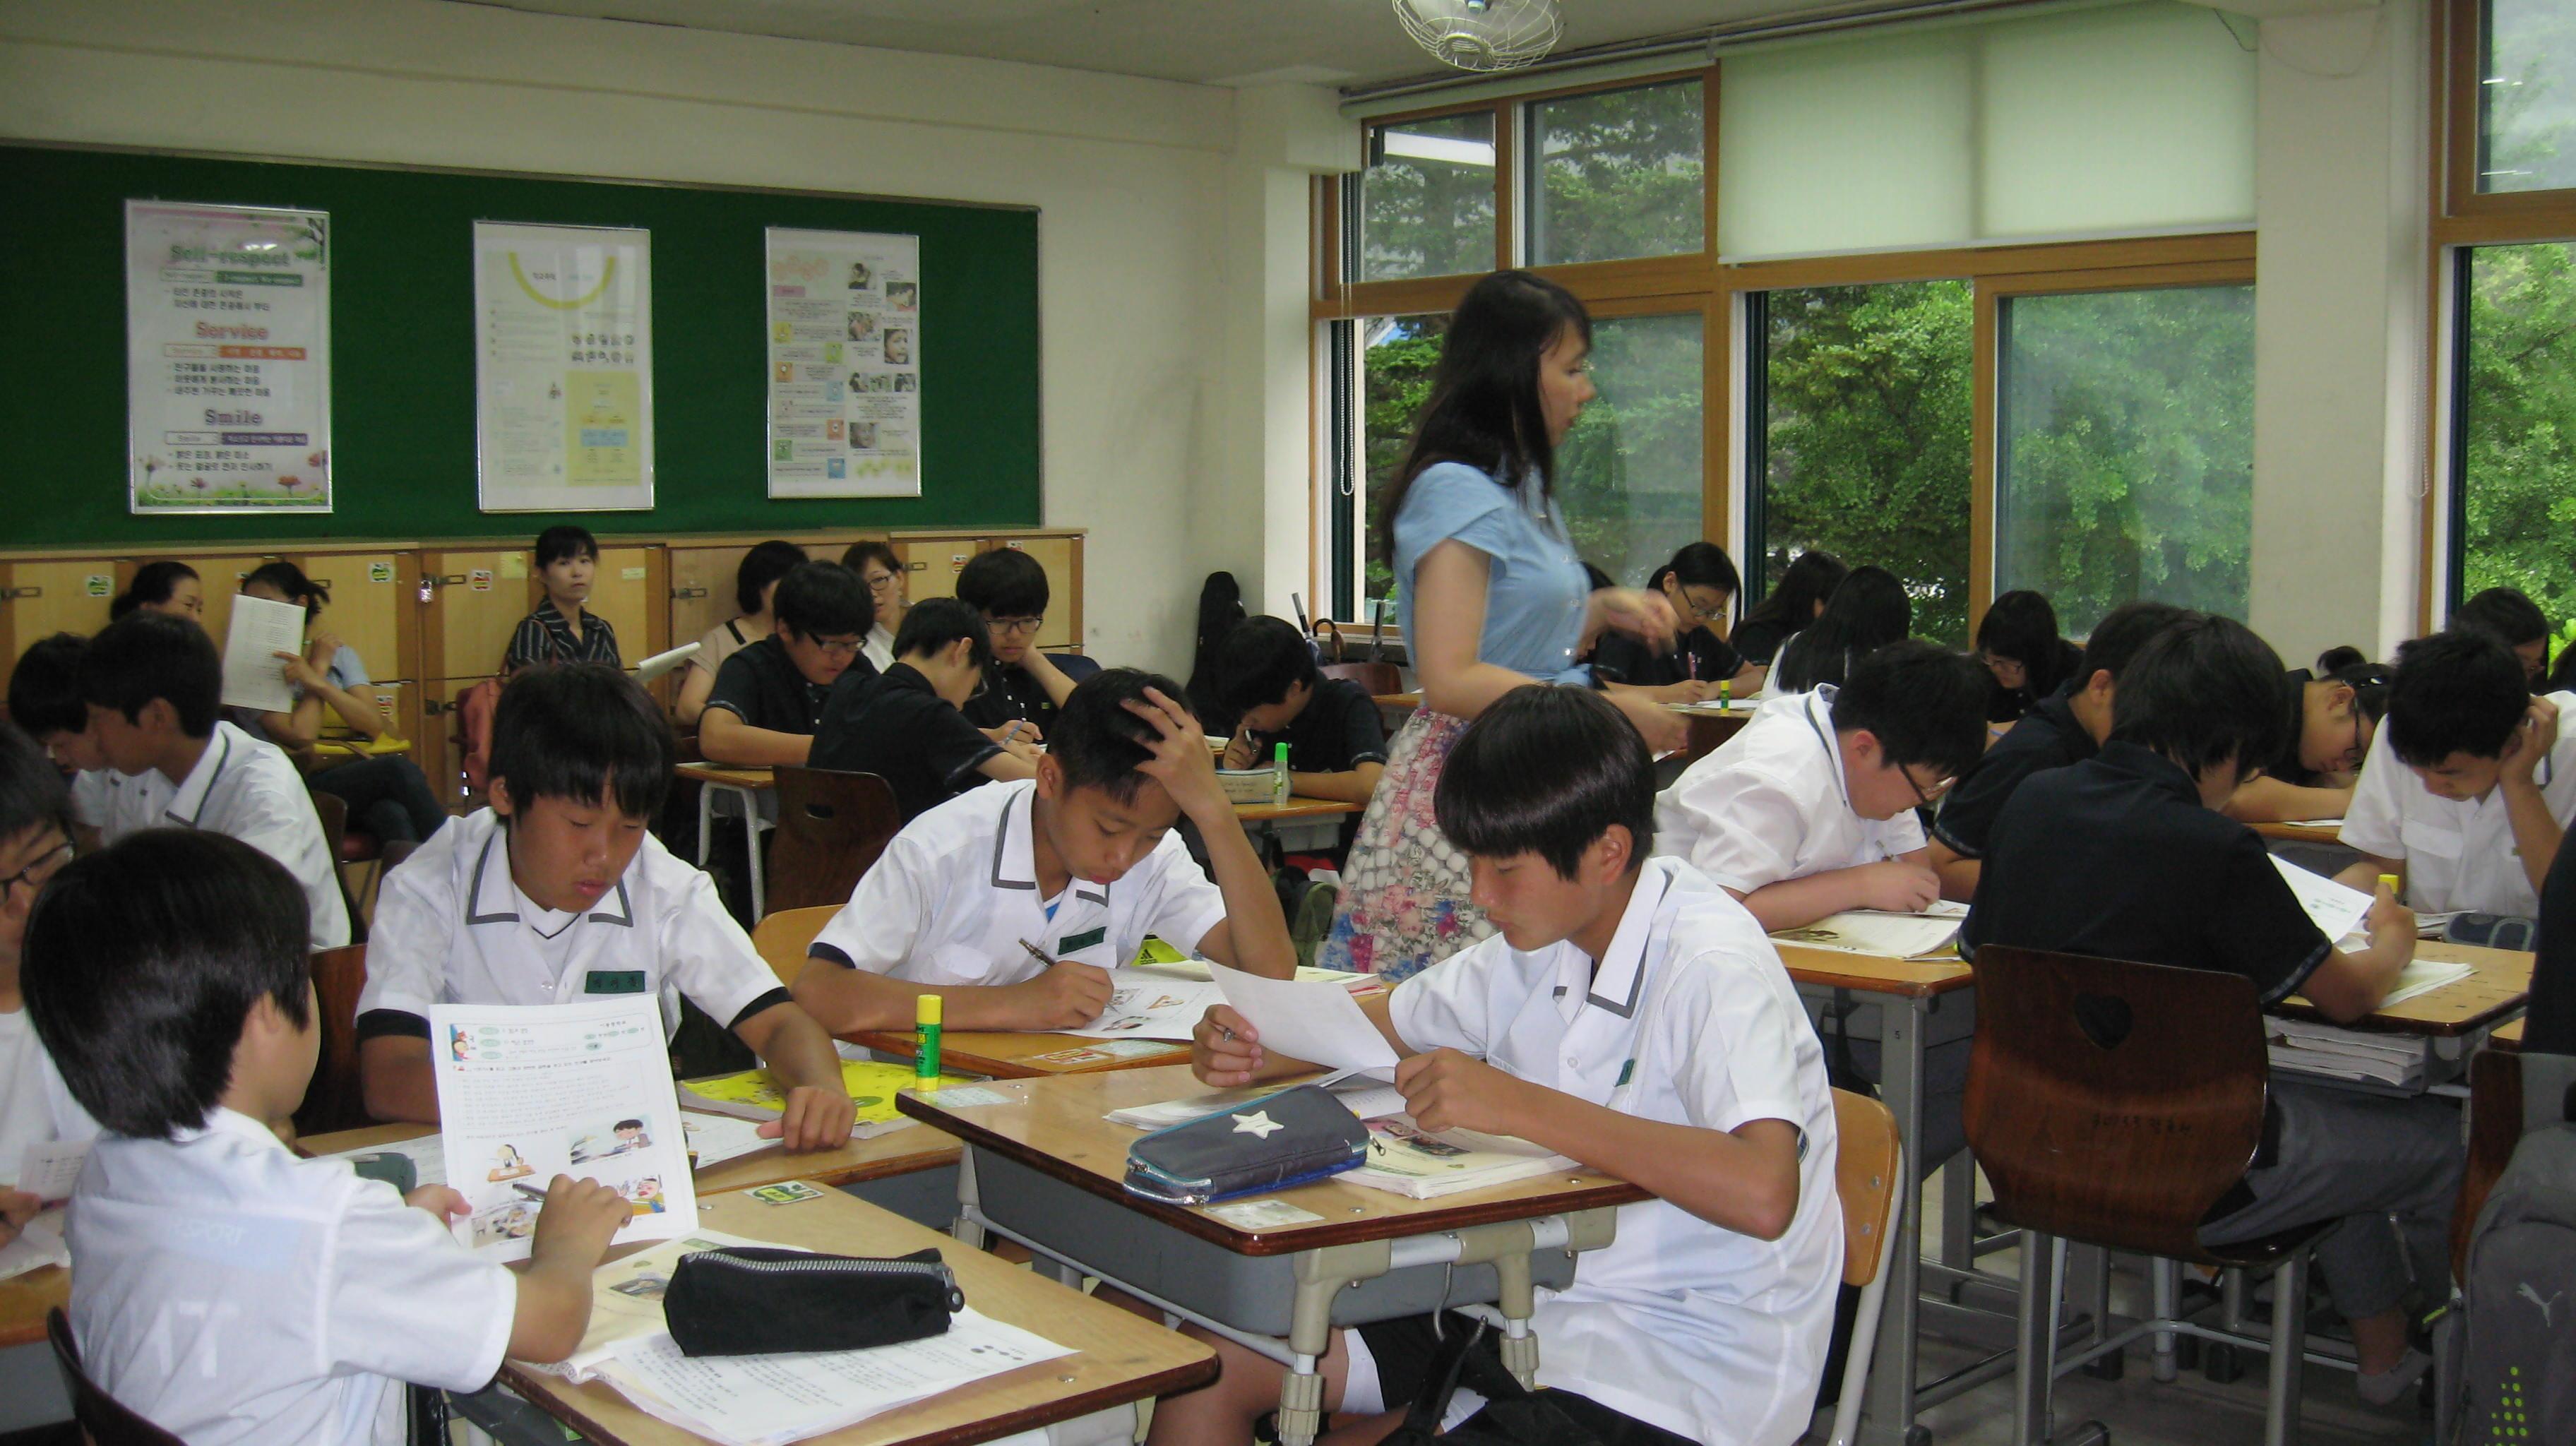 [일반] 학부모 공개 수업의 날의 첨부이미지 3